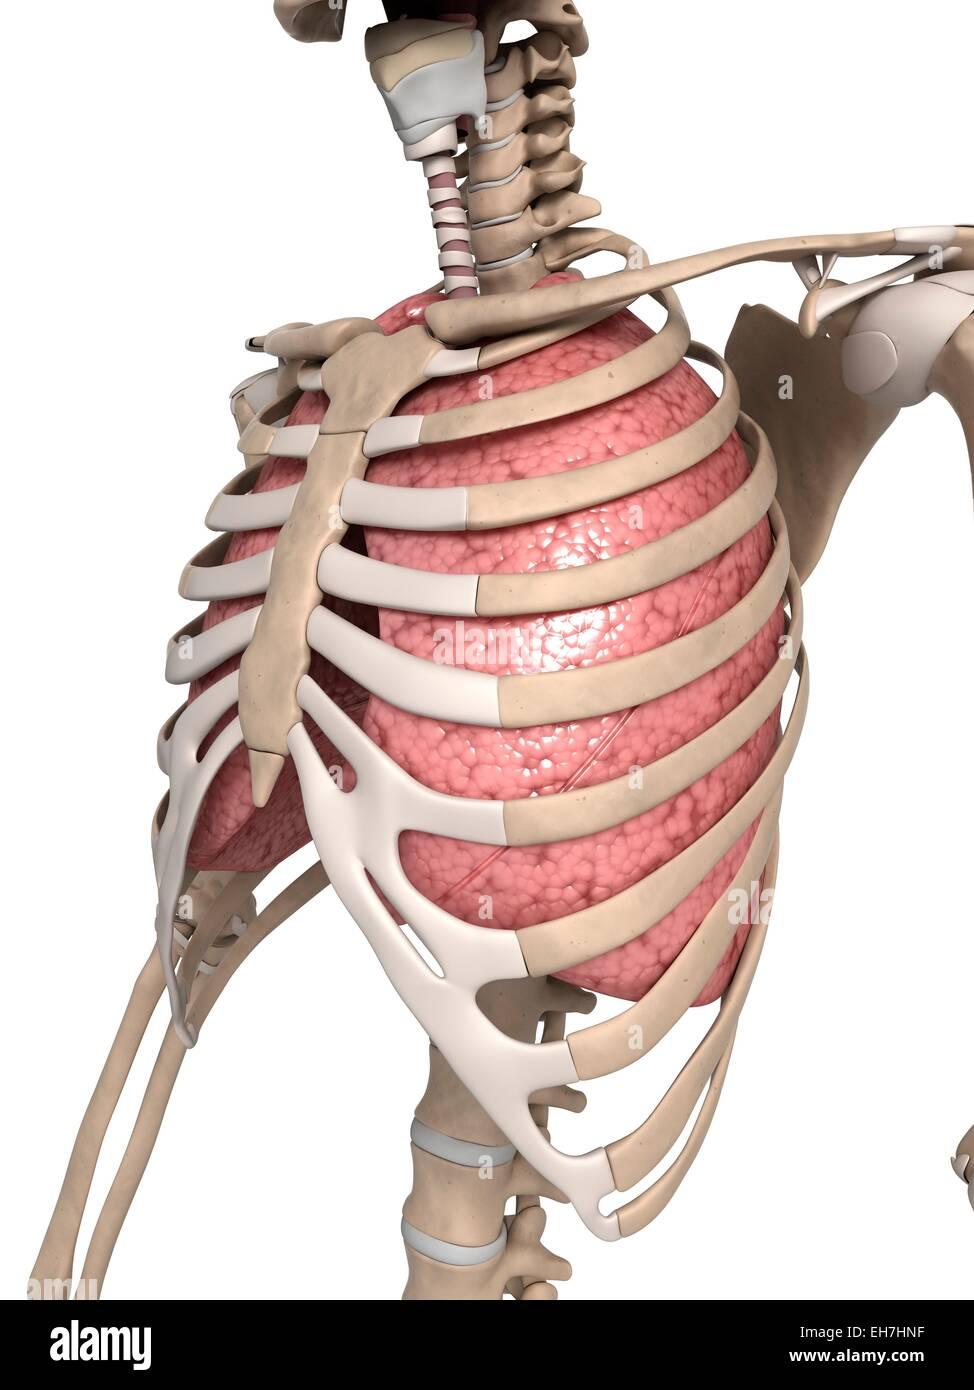 Menschliche Lunge mit Brustkorb, Abbildung Stockfoto, Bild: 79458219 ...